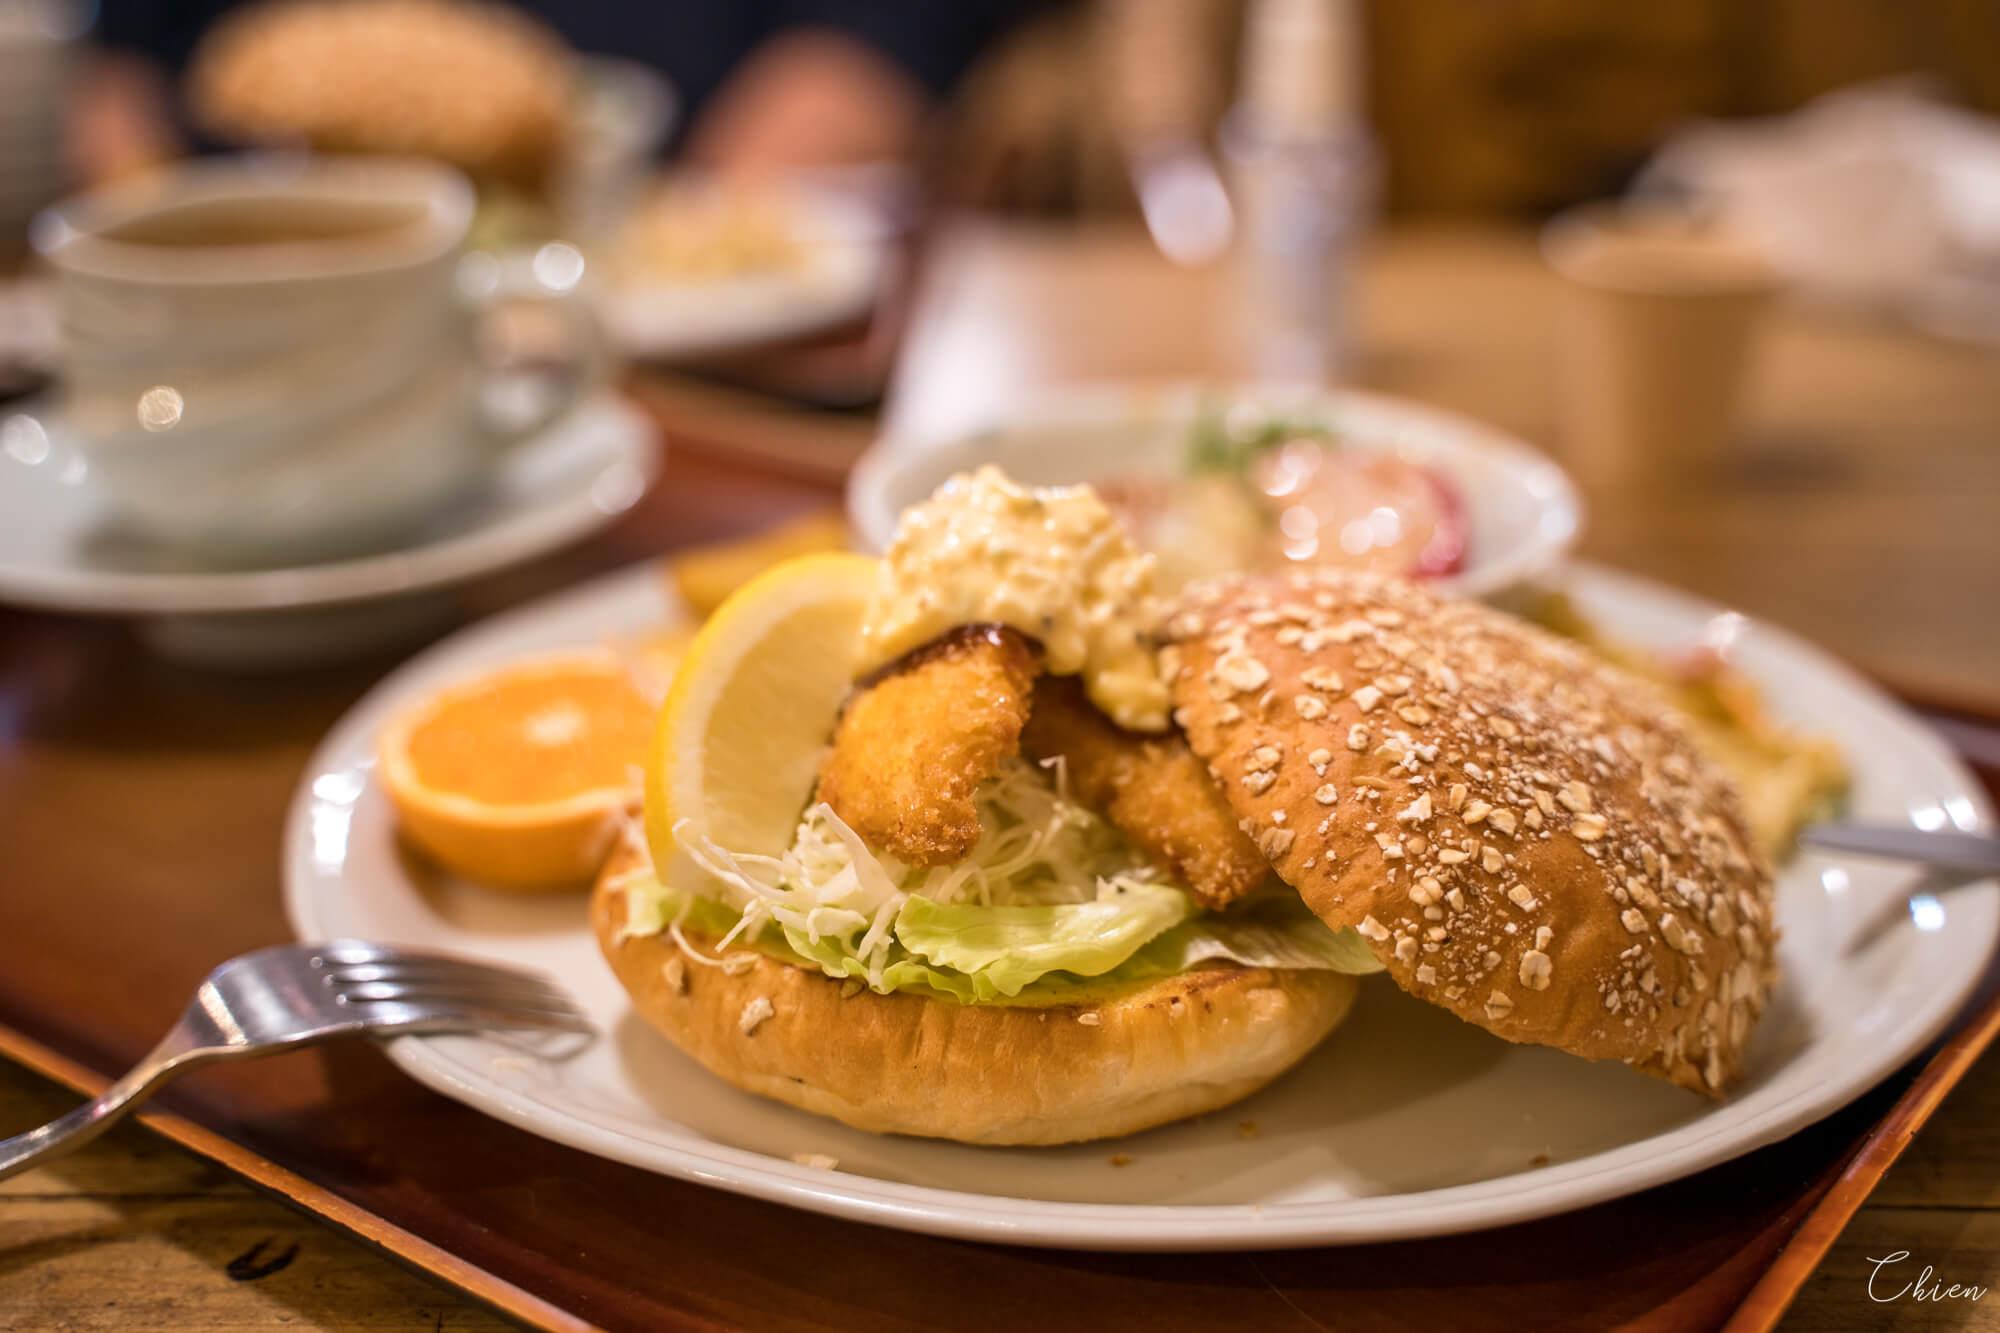 愛媛美食「道後的町屋」午餐咖啡廳